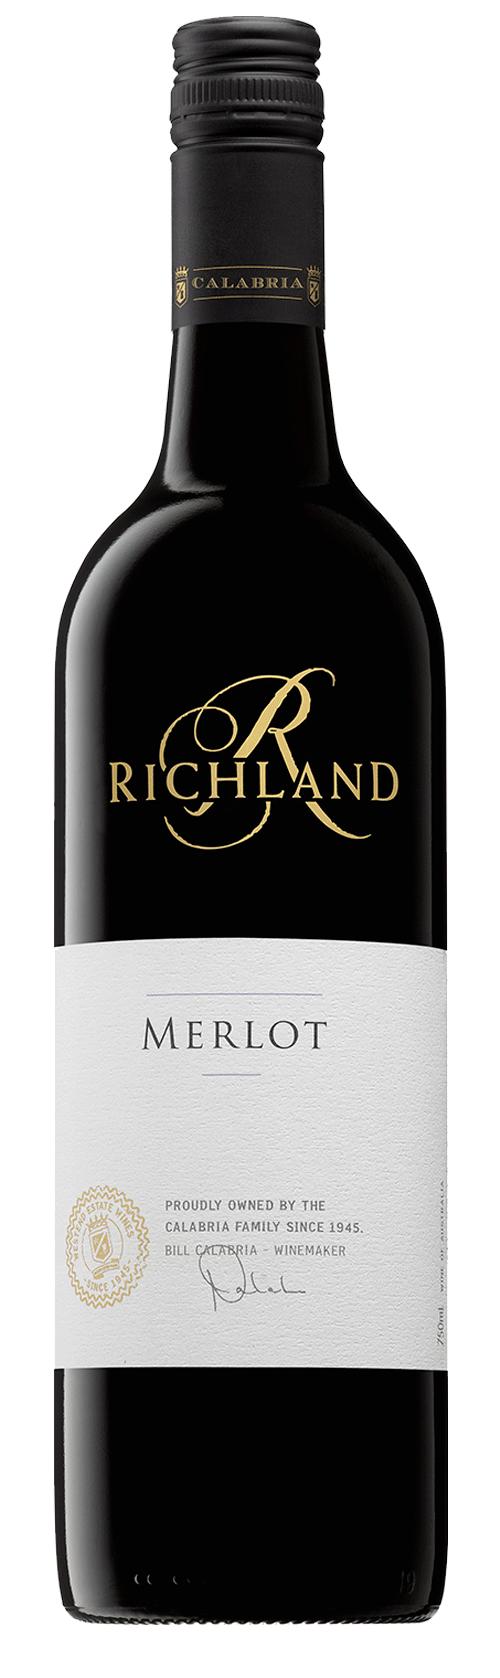 Richland Merlot 2013